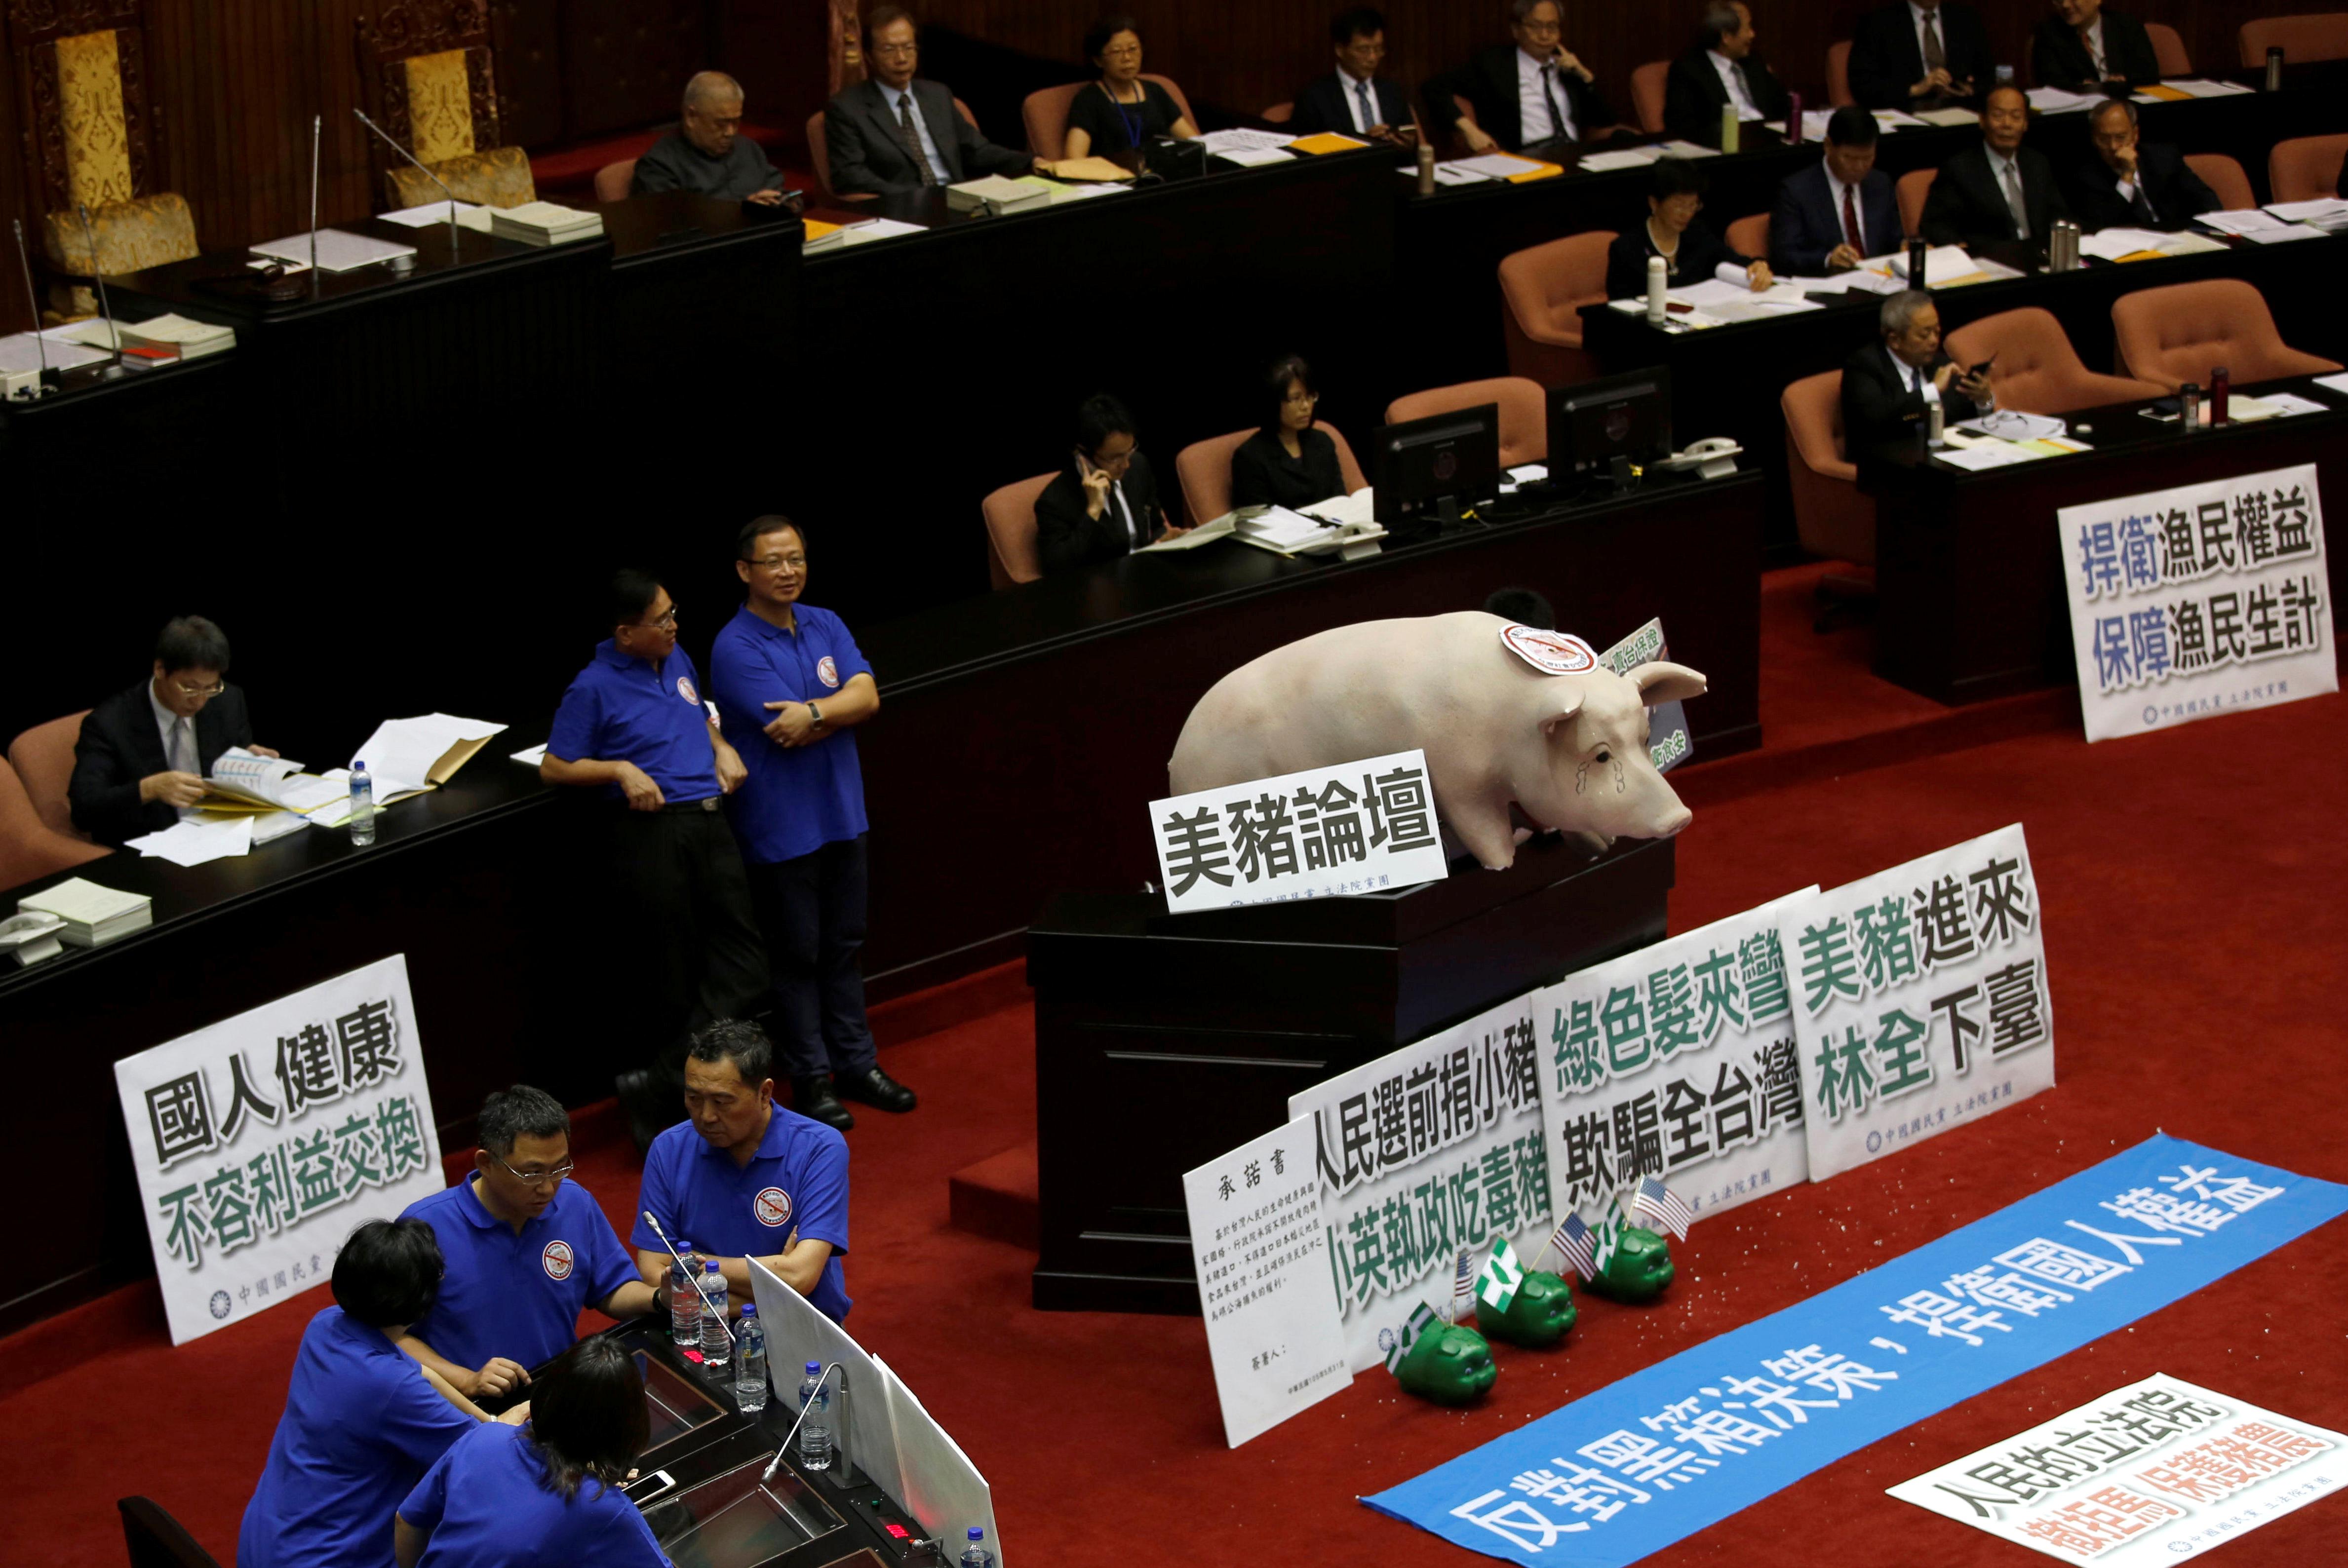 TAIPEI, TAIWAN: Nasjonalistpartiet i Taiwan plasserte en modellgris i parlamentet i Taipei for å protestere mot statsminister Lin Chuan og for å stanse import av amerikansk svinekjøtt som inneholder stoffer som gjør svin magrere. FOTO: Tyrone Siu / NTB scanpix